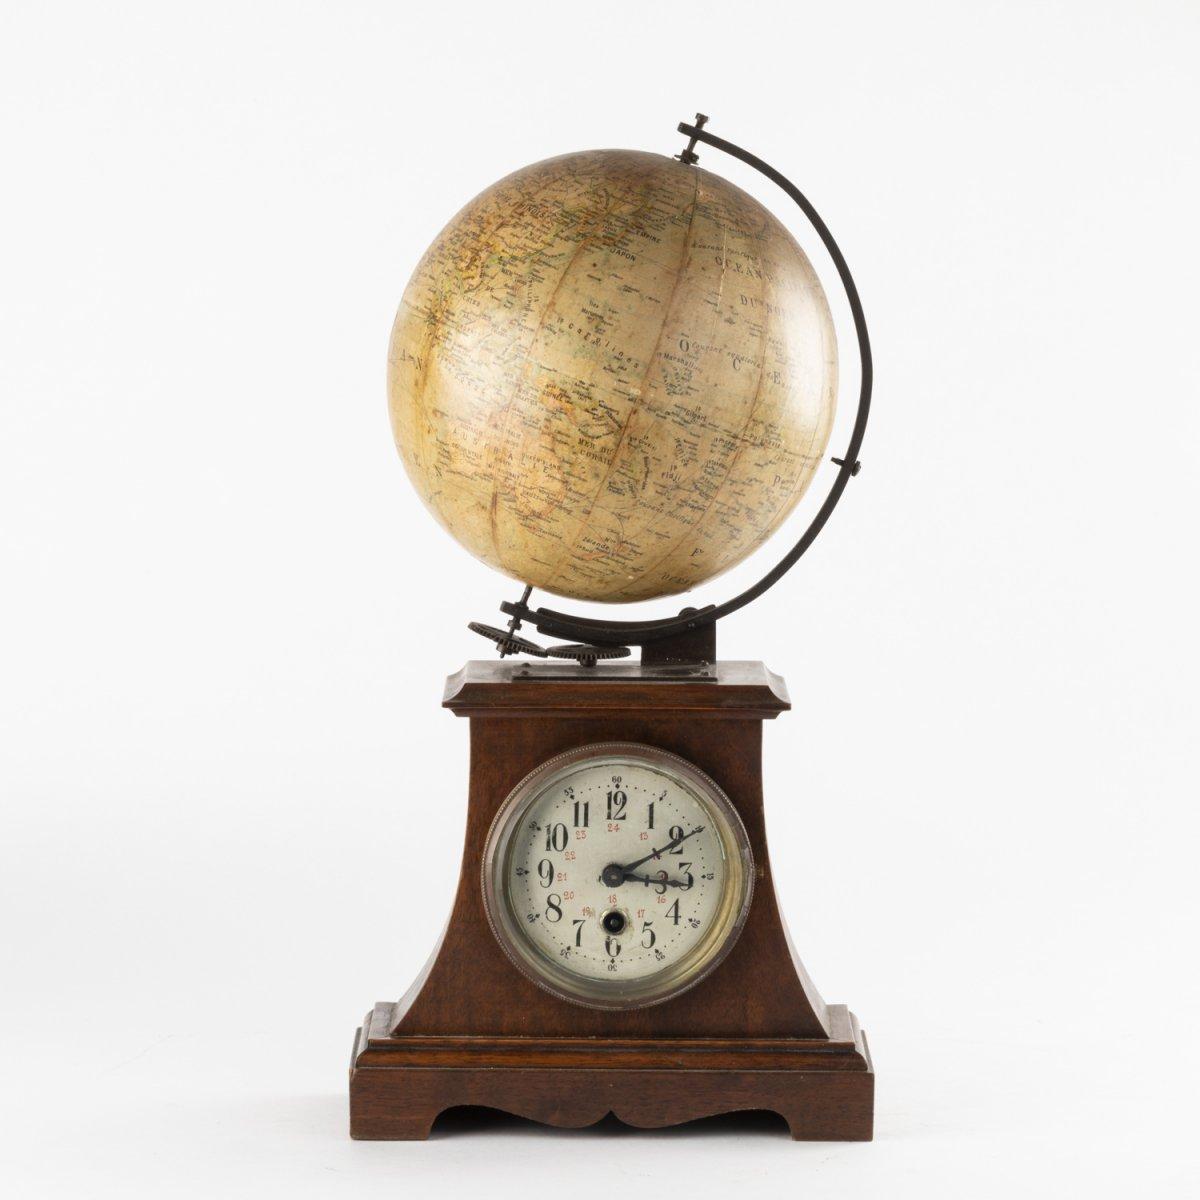 Pendule avec globe terrestre tournant, XIXe